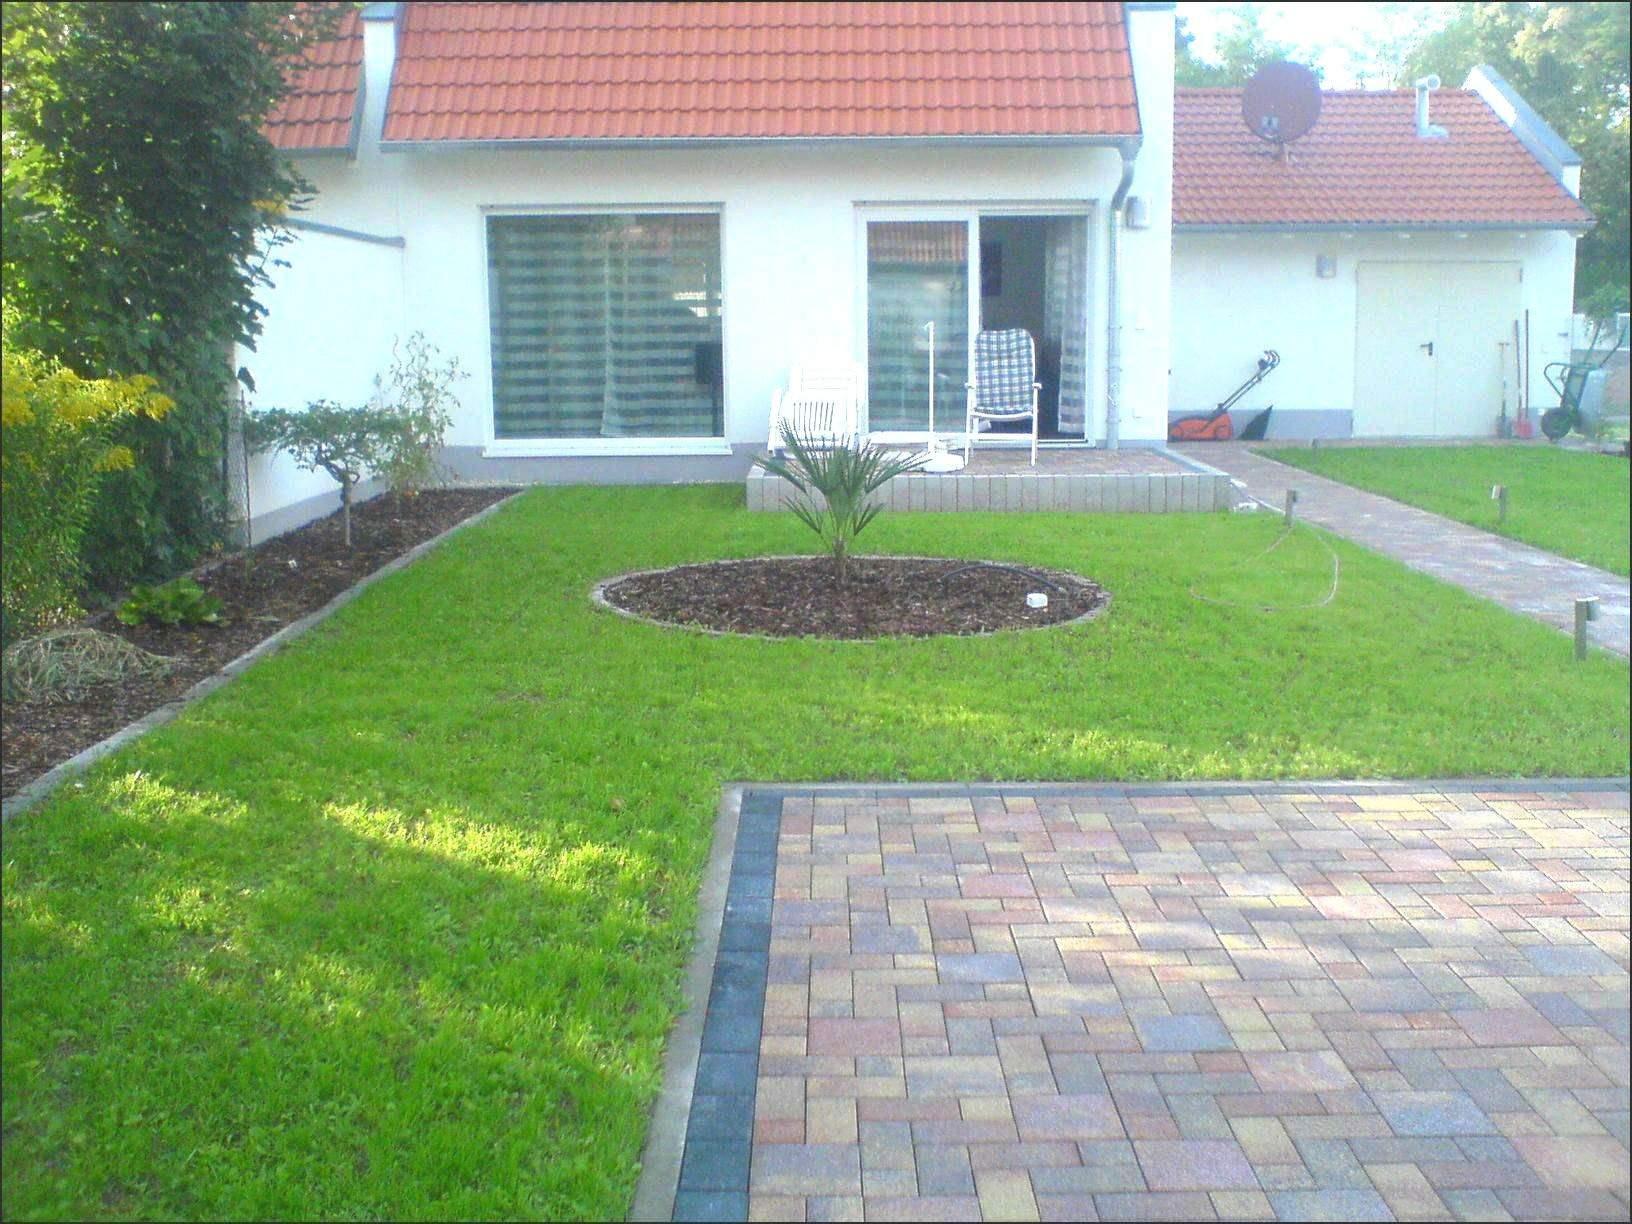 Holzleiter Deko Garten Inspirierend 36 Luxus Garten Am Hang Ideen Bilder Inspirierend